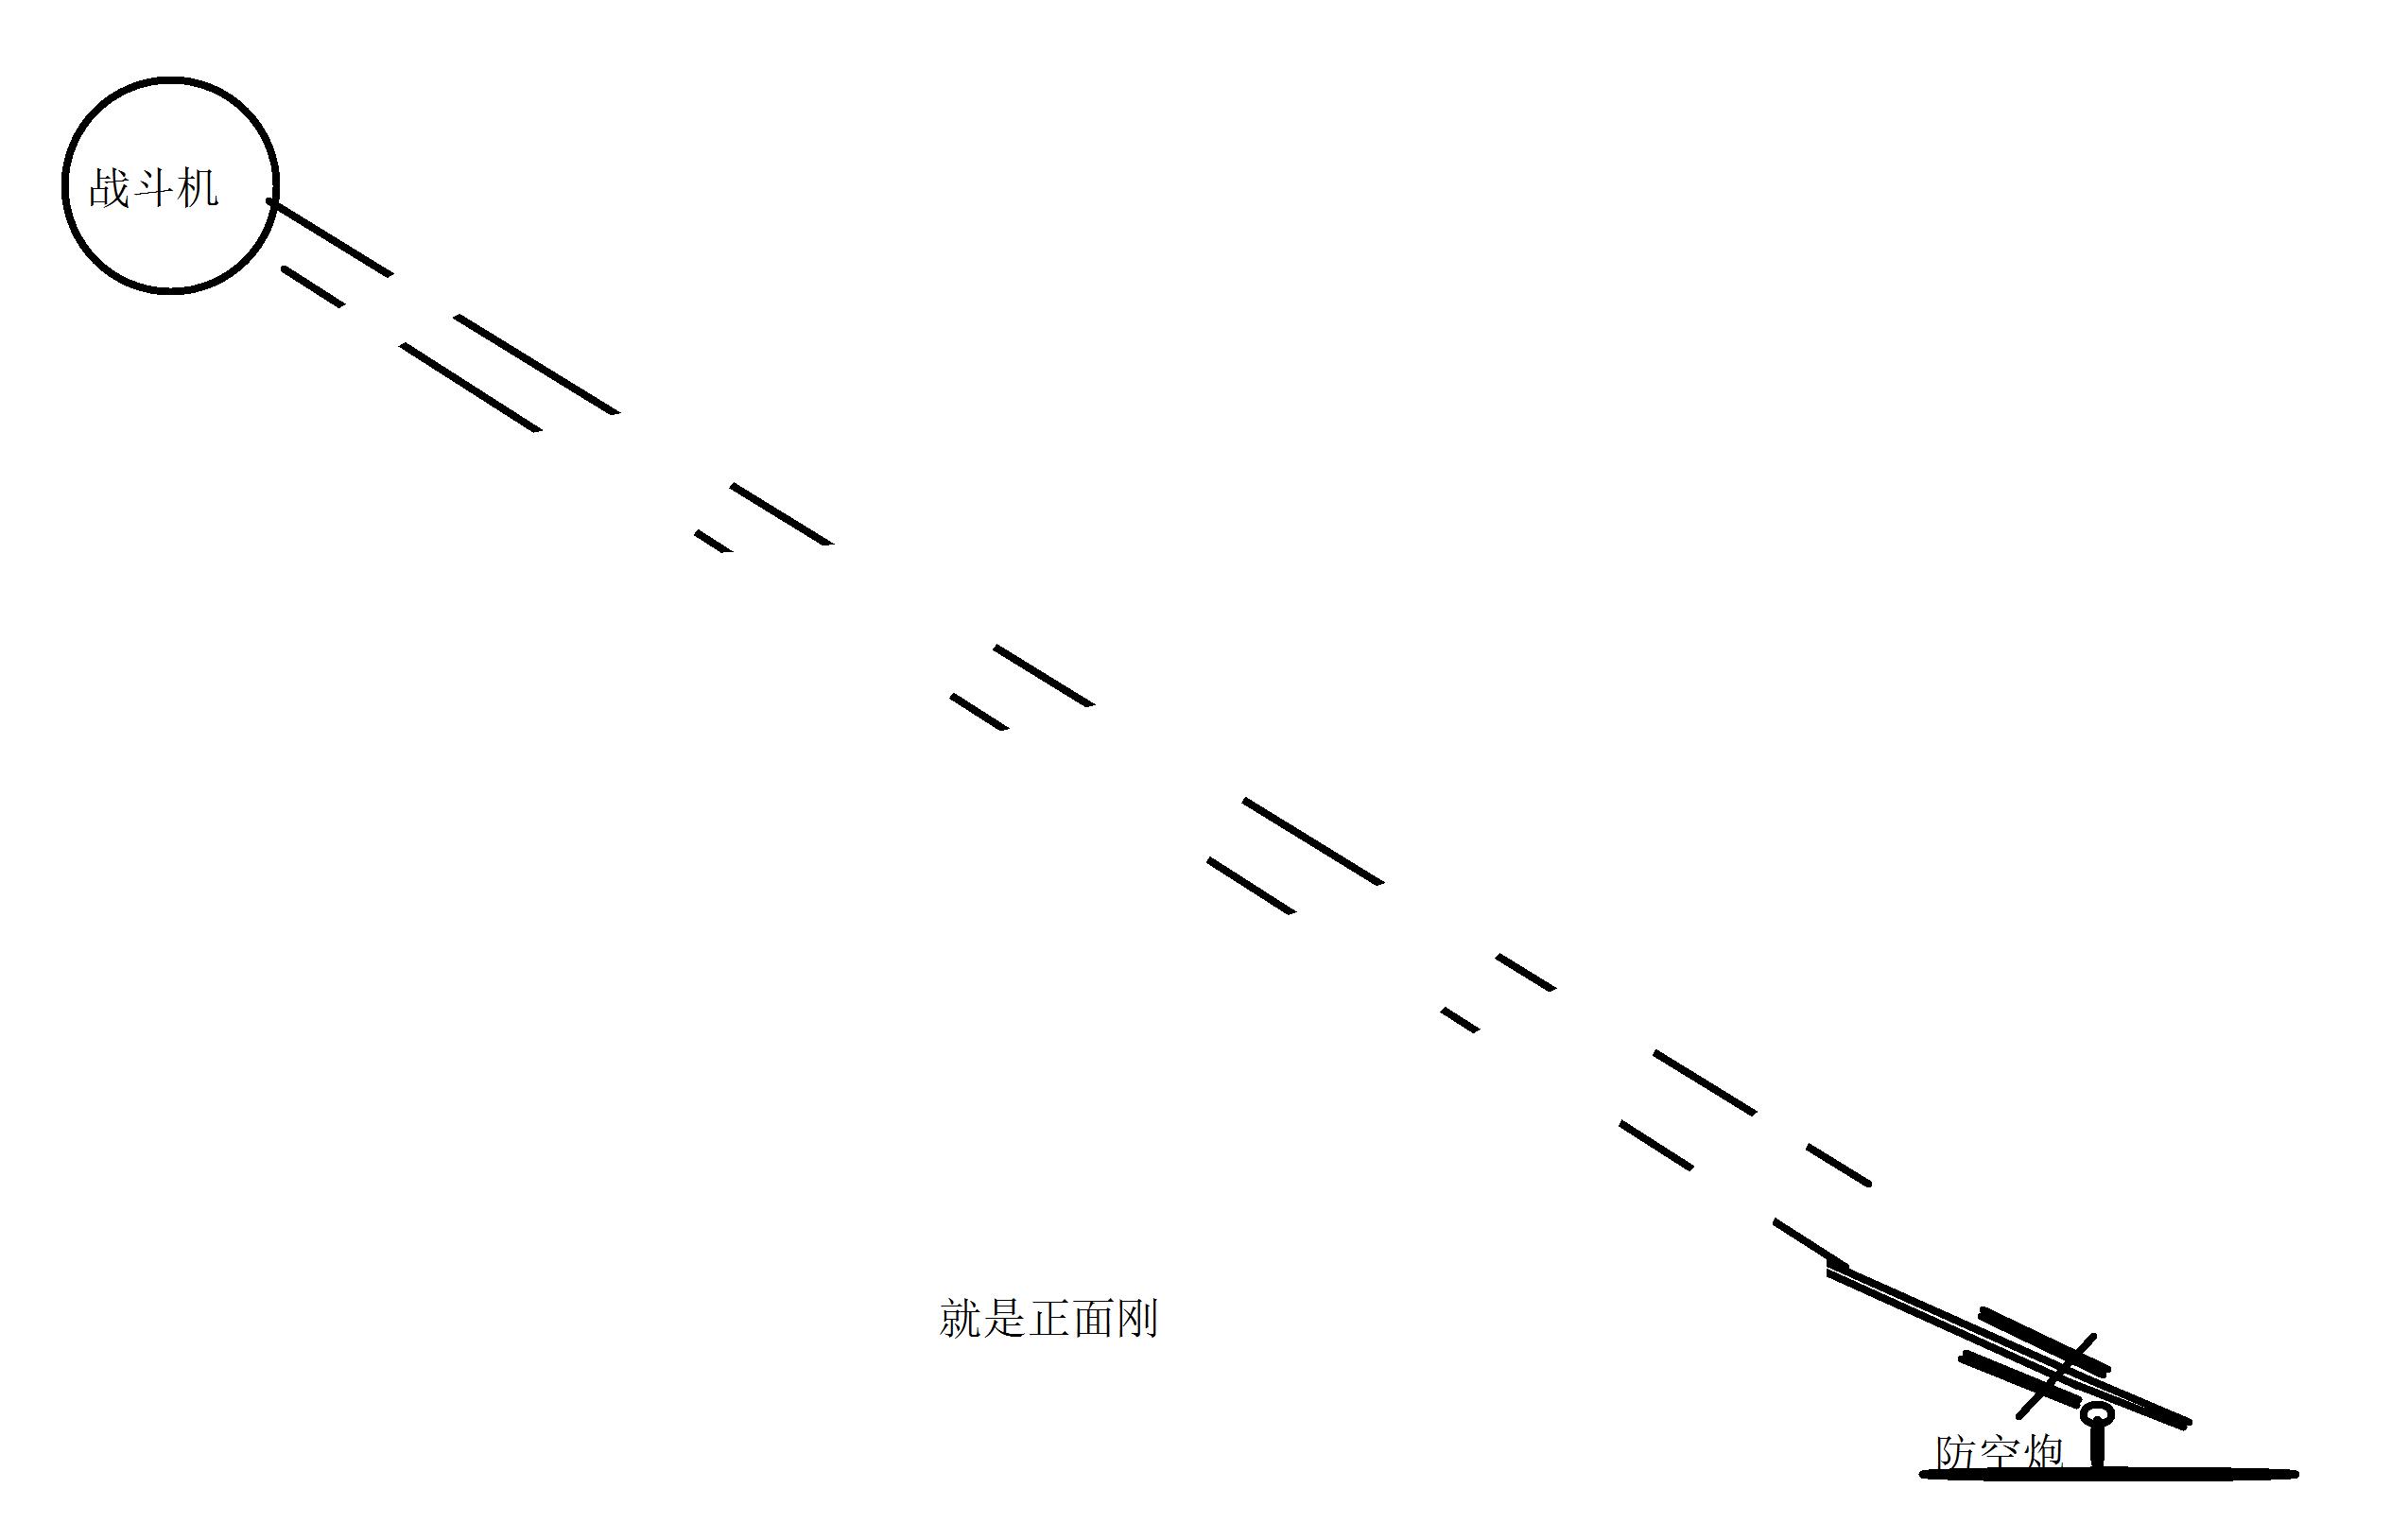 解析褒贬不一的《金刚川》,同归于尽J3对线,难以理解的剧本